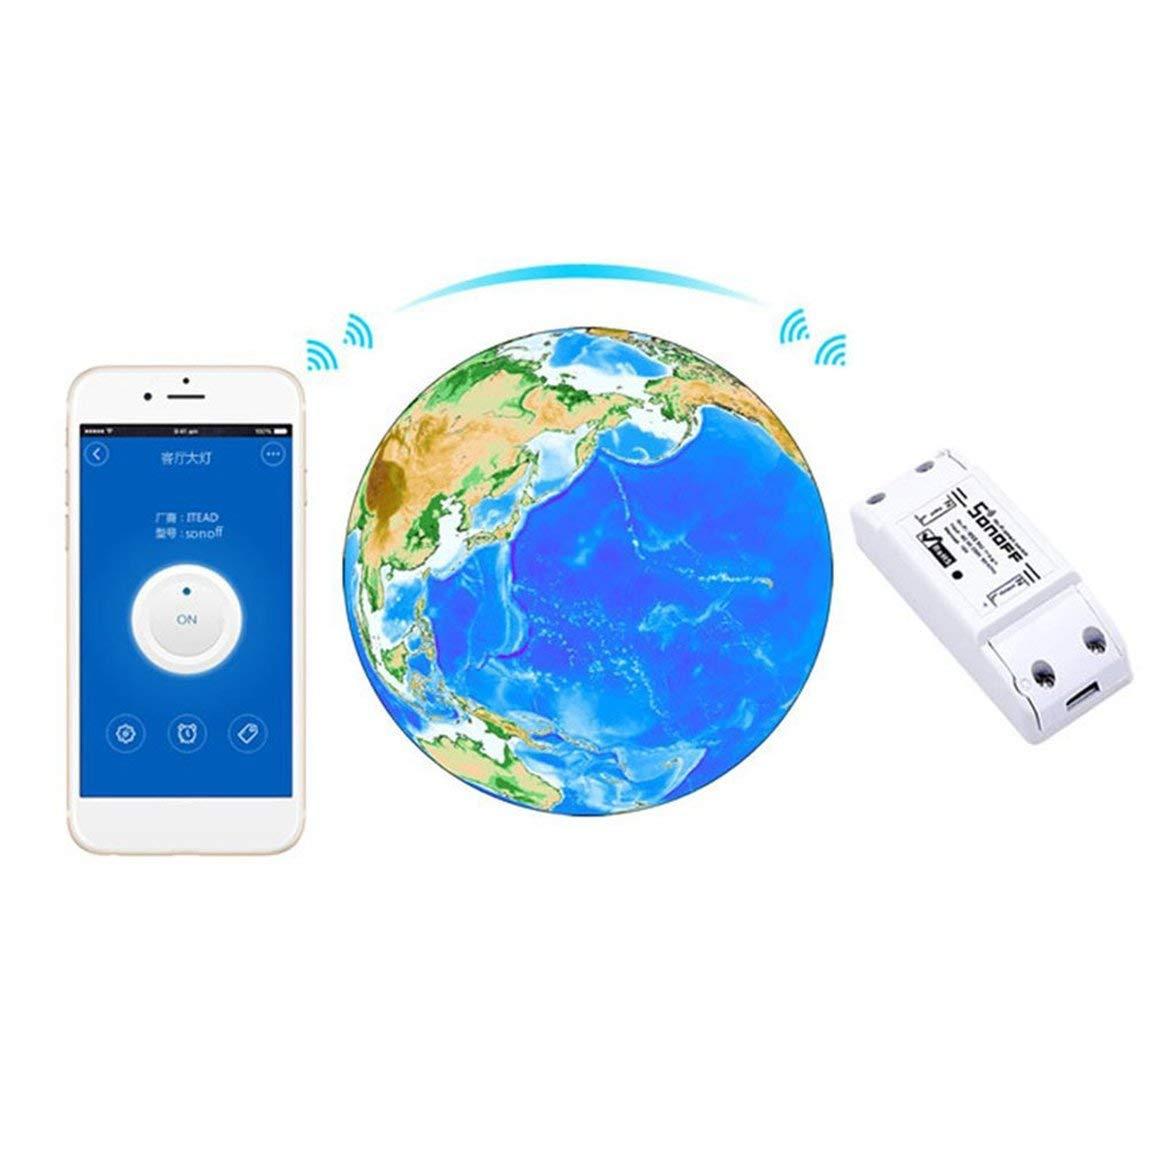 Funnyrunstore Sonoff WiFi Smart Switch Smart Modulo di automazione domestica intelligente universale con telecomando Shell Shell Presa per casa fai da te bianco